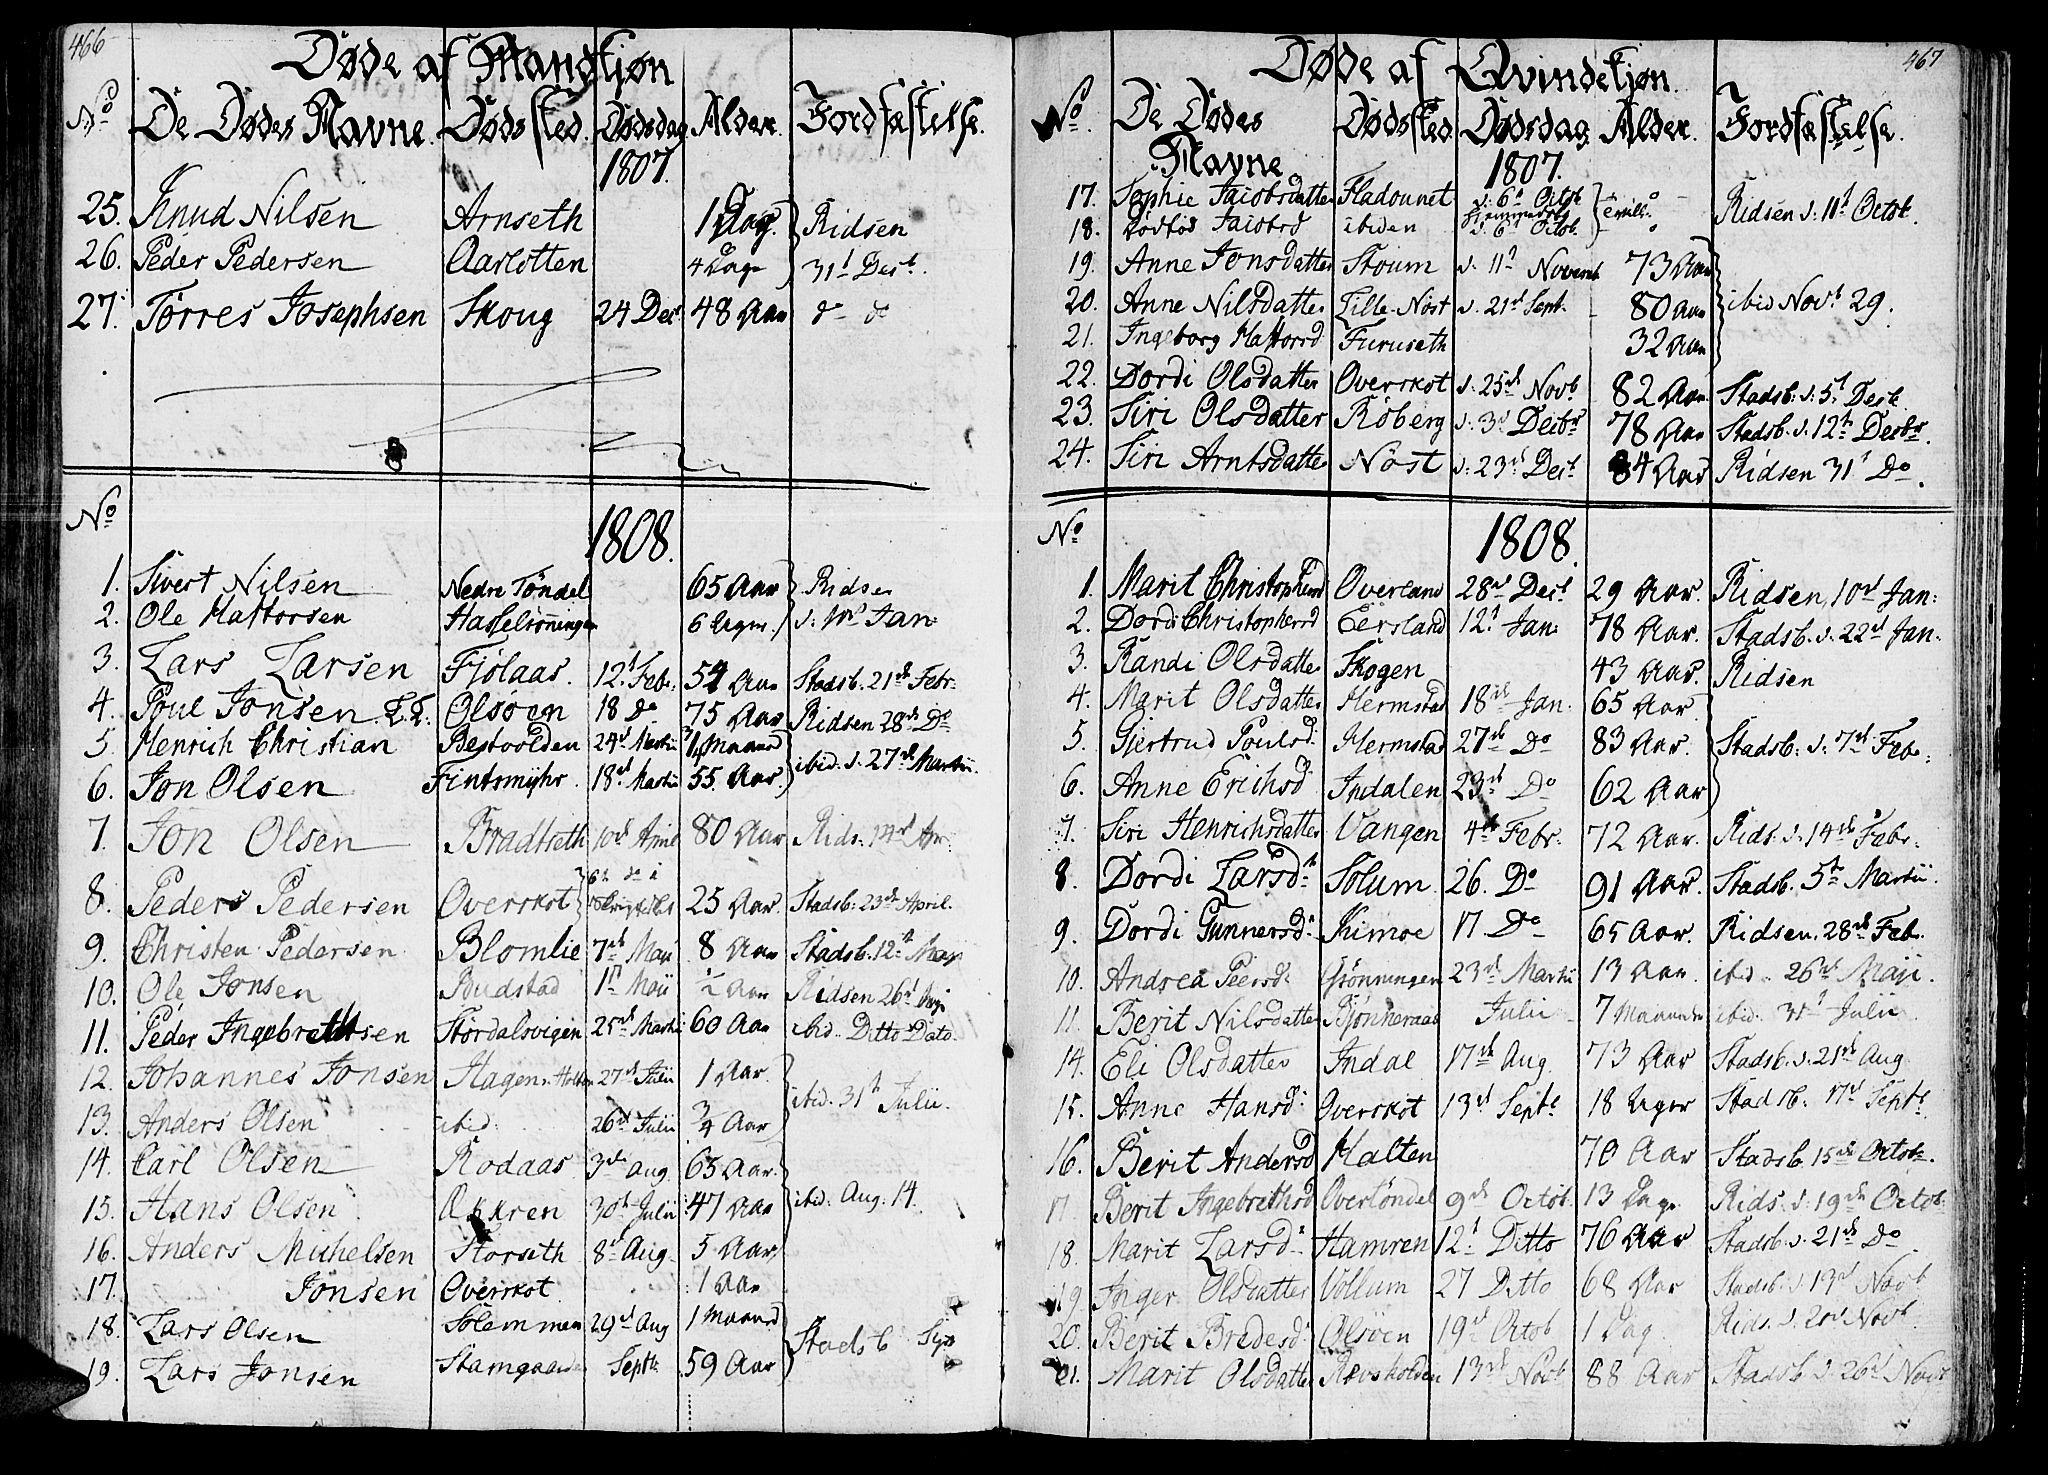 SAT, Ministerialprotokoller, klokkerbøker og fødselsregistre - Sør-Trøndelag, 646/L0607: Ministerialbok nr. 646A05, 1806-1815, s. 466-467